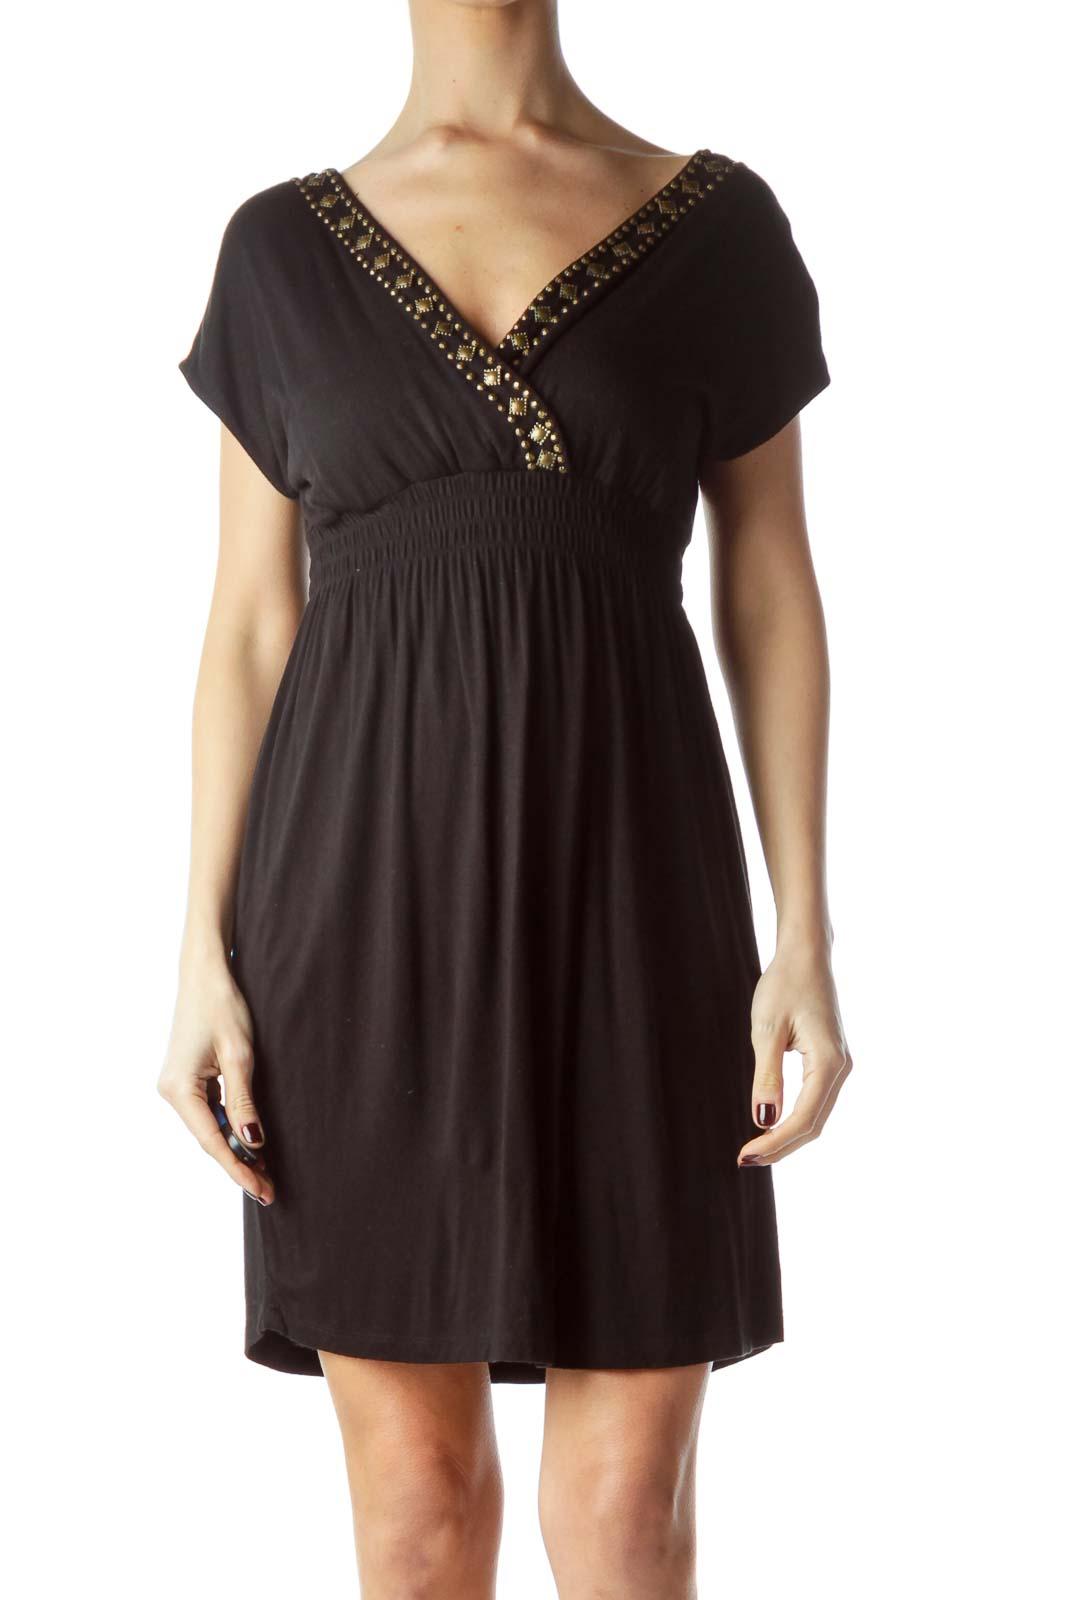 Black Neckline Embellished Stretch Dress Front